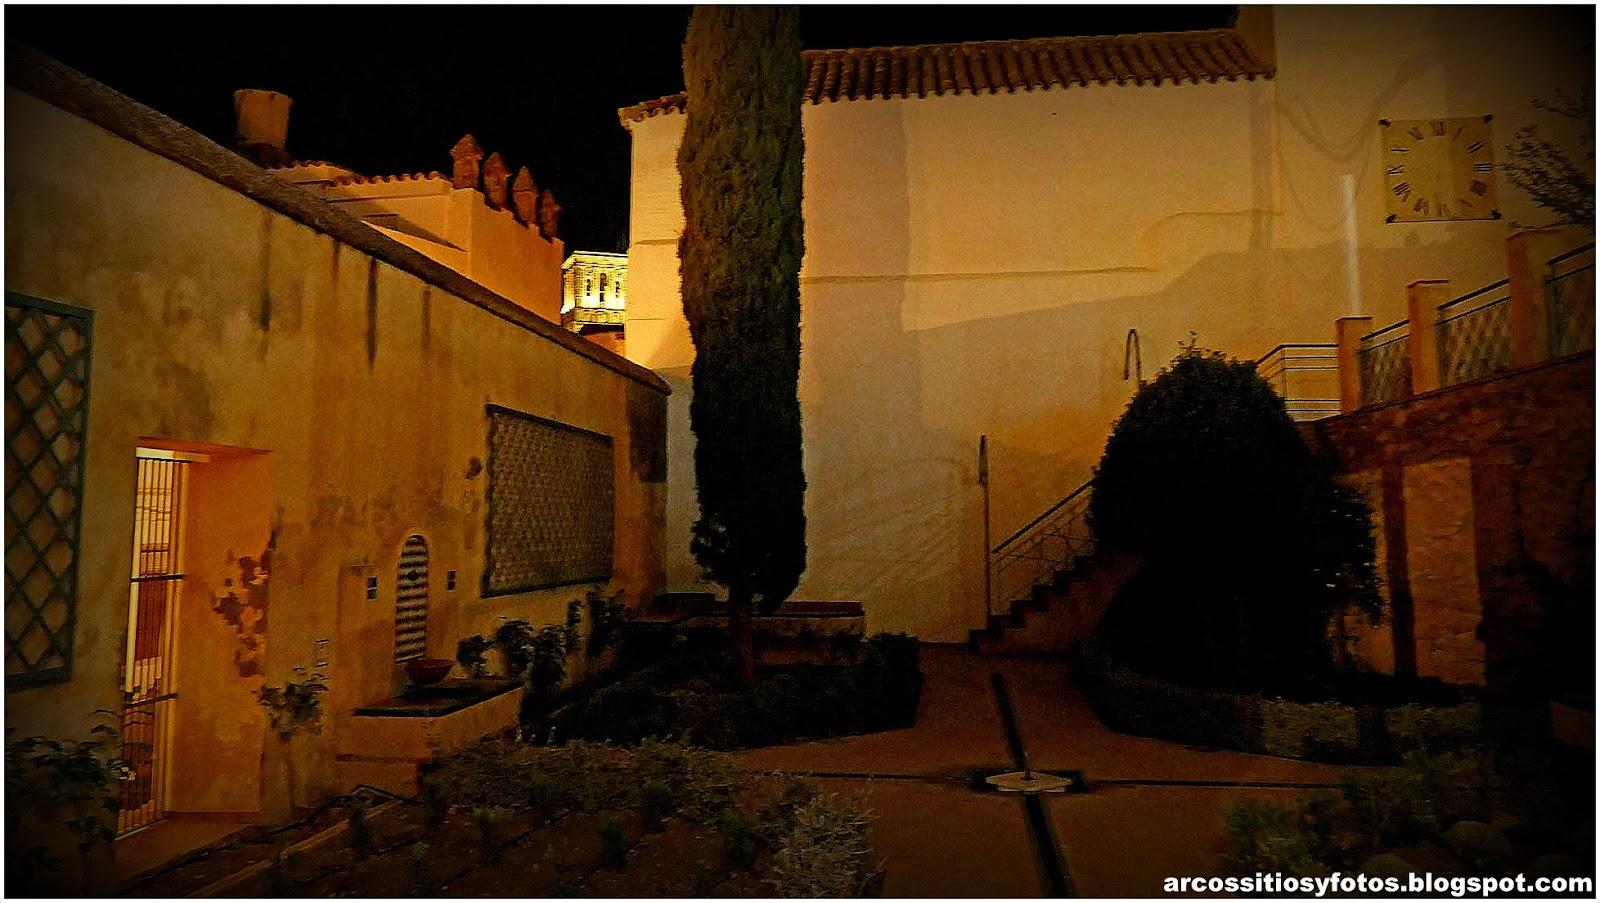 Arcos sitios y fotos jard n andalus nocturno en arcos for Jardin botanico bogota nocturno 2016